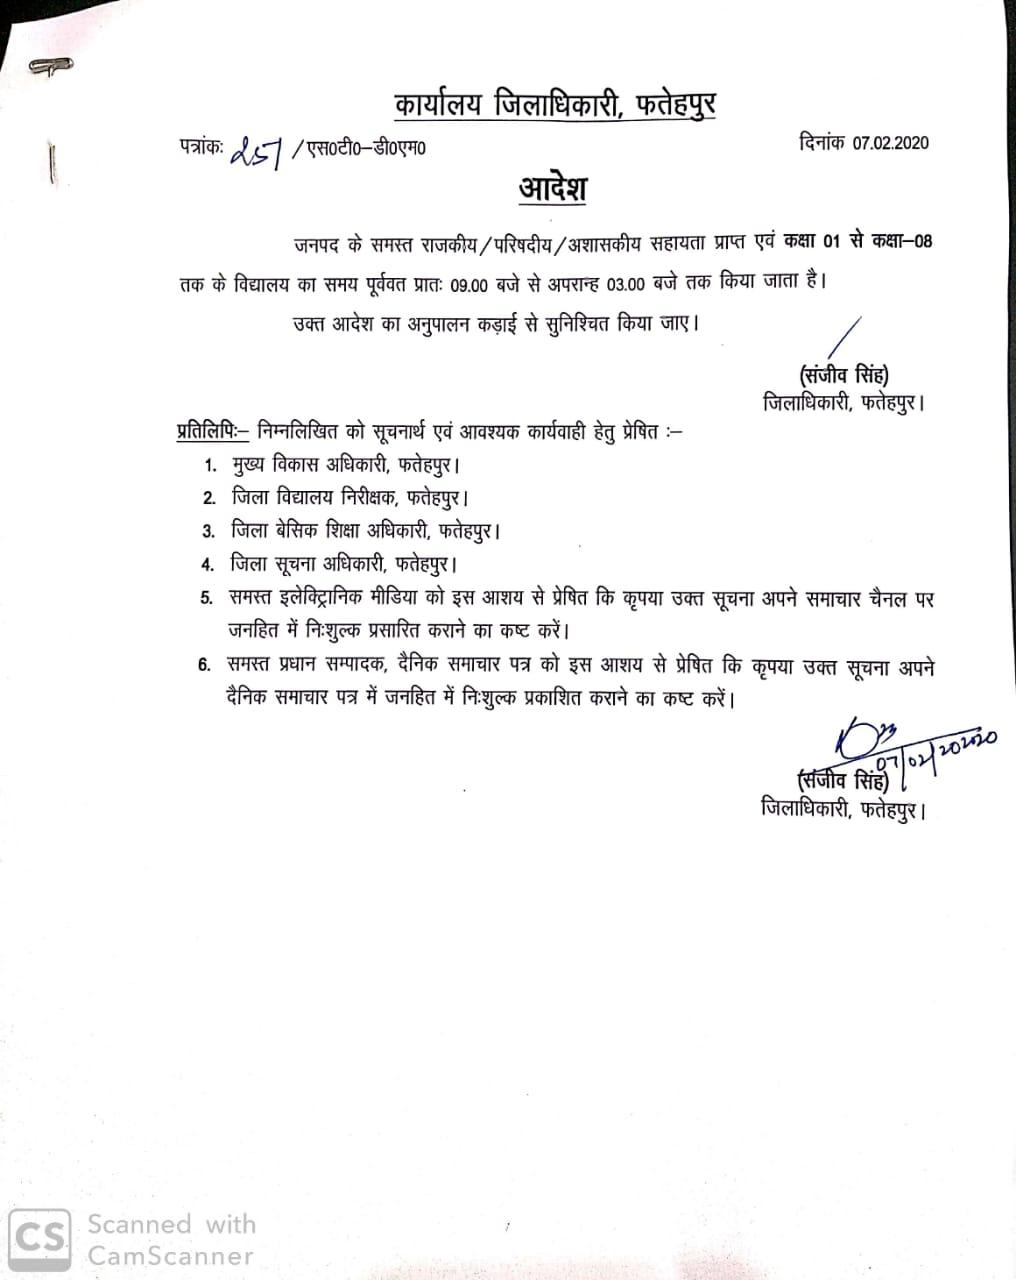 Fatehpur - फिर बदली सकूलों की टाइमिंग अब 9 से 3 बजे तक खुलेंगे स्कूल, जिलाधिलारी फतेहपुर का आदेश देखें